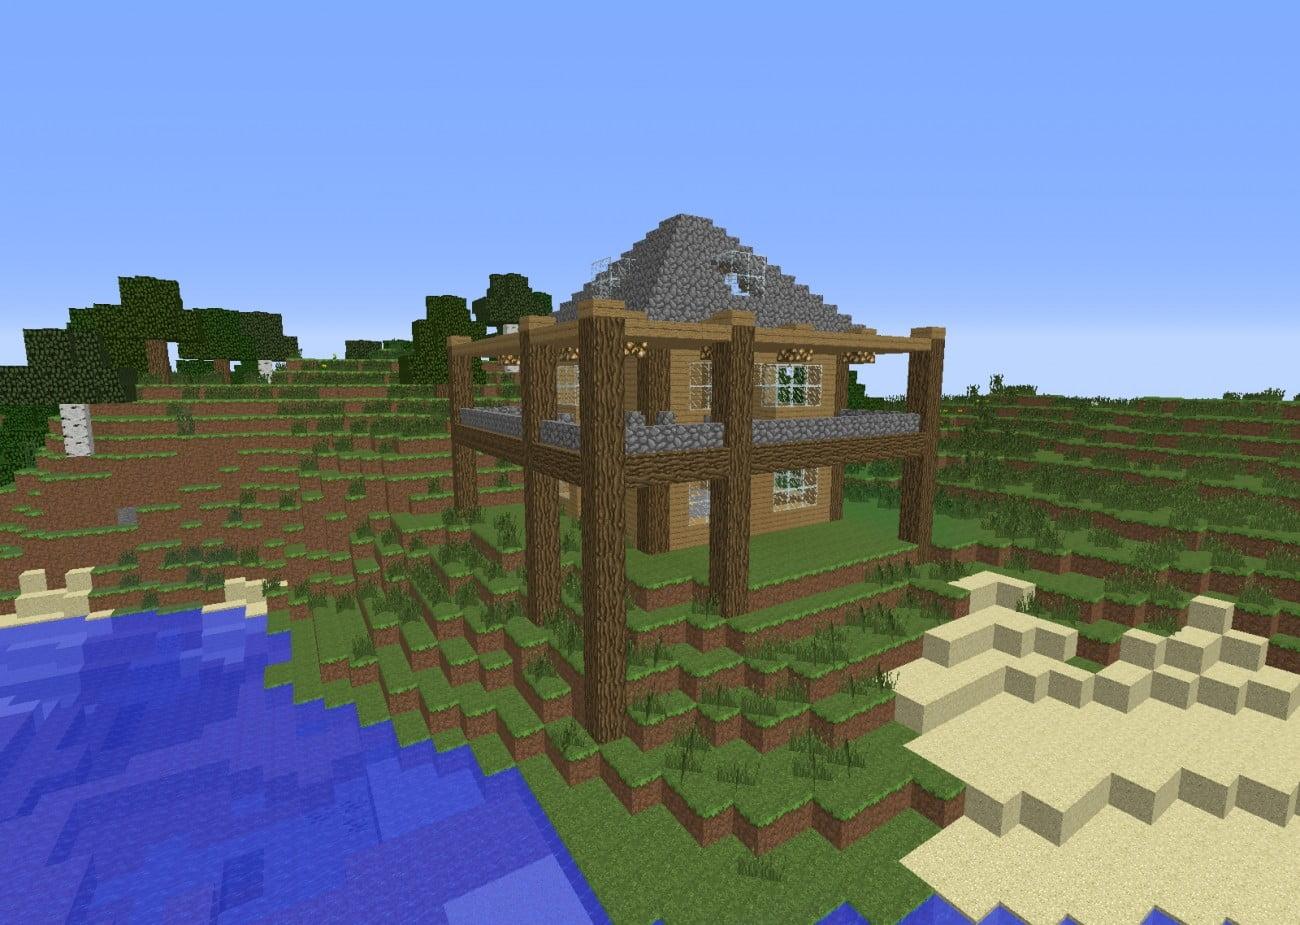 ᐅ Rundum Balkon In Minecraft Bauen Minecraft Bauideen De